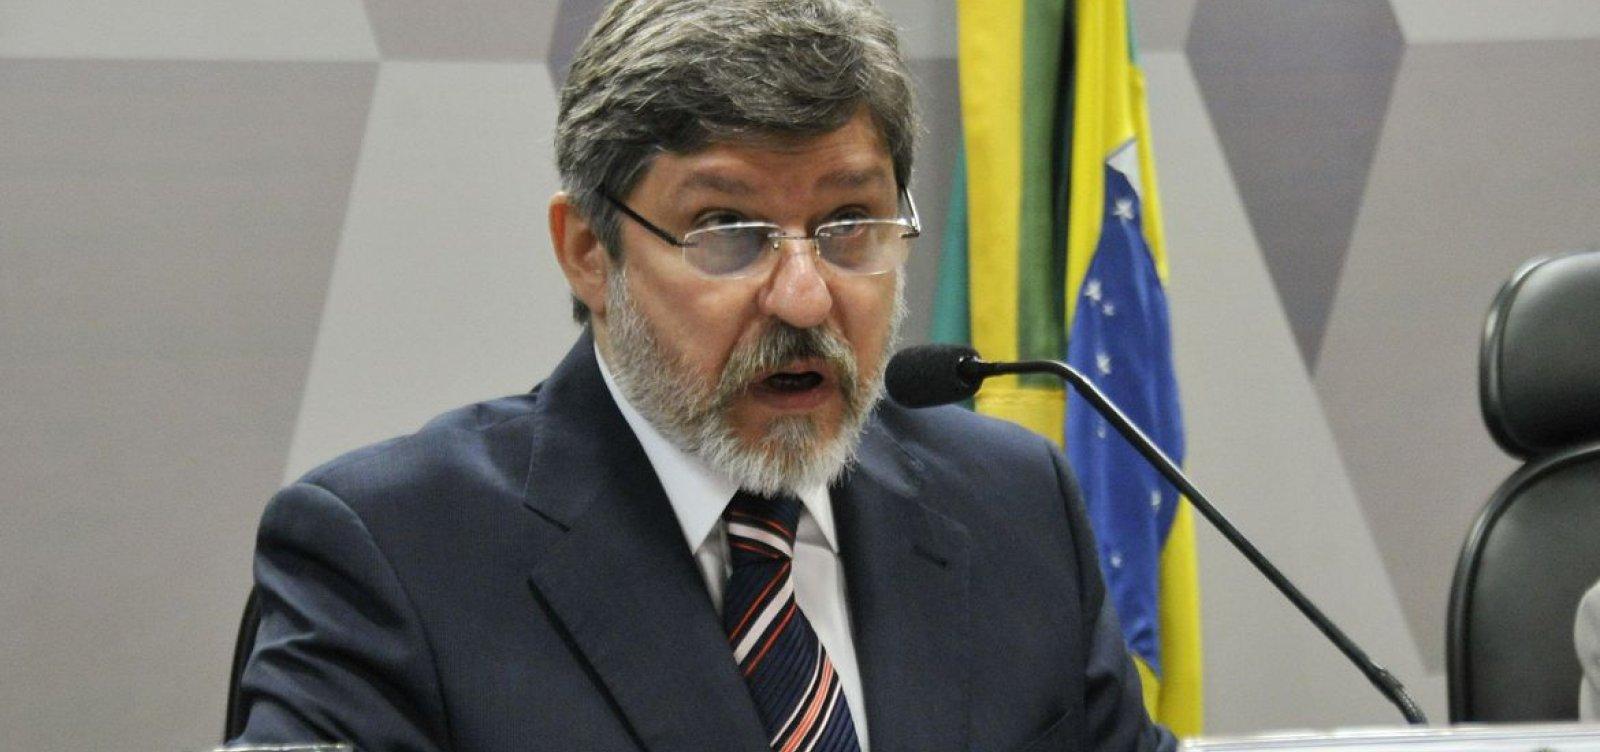 [Itamaraty lamenta morte do diplomata Paulo Cesar de Oliveira Campos]